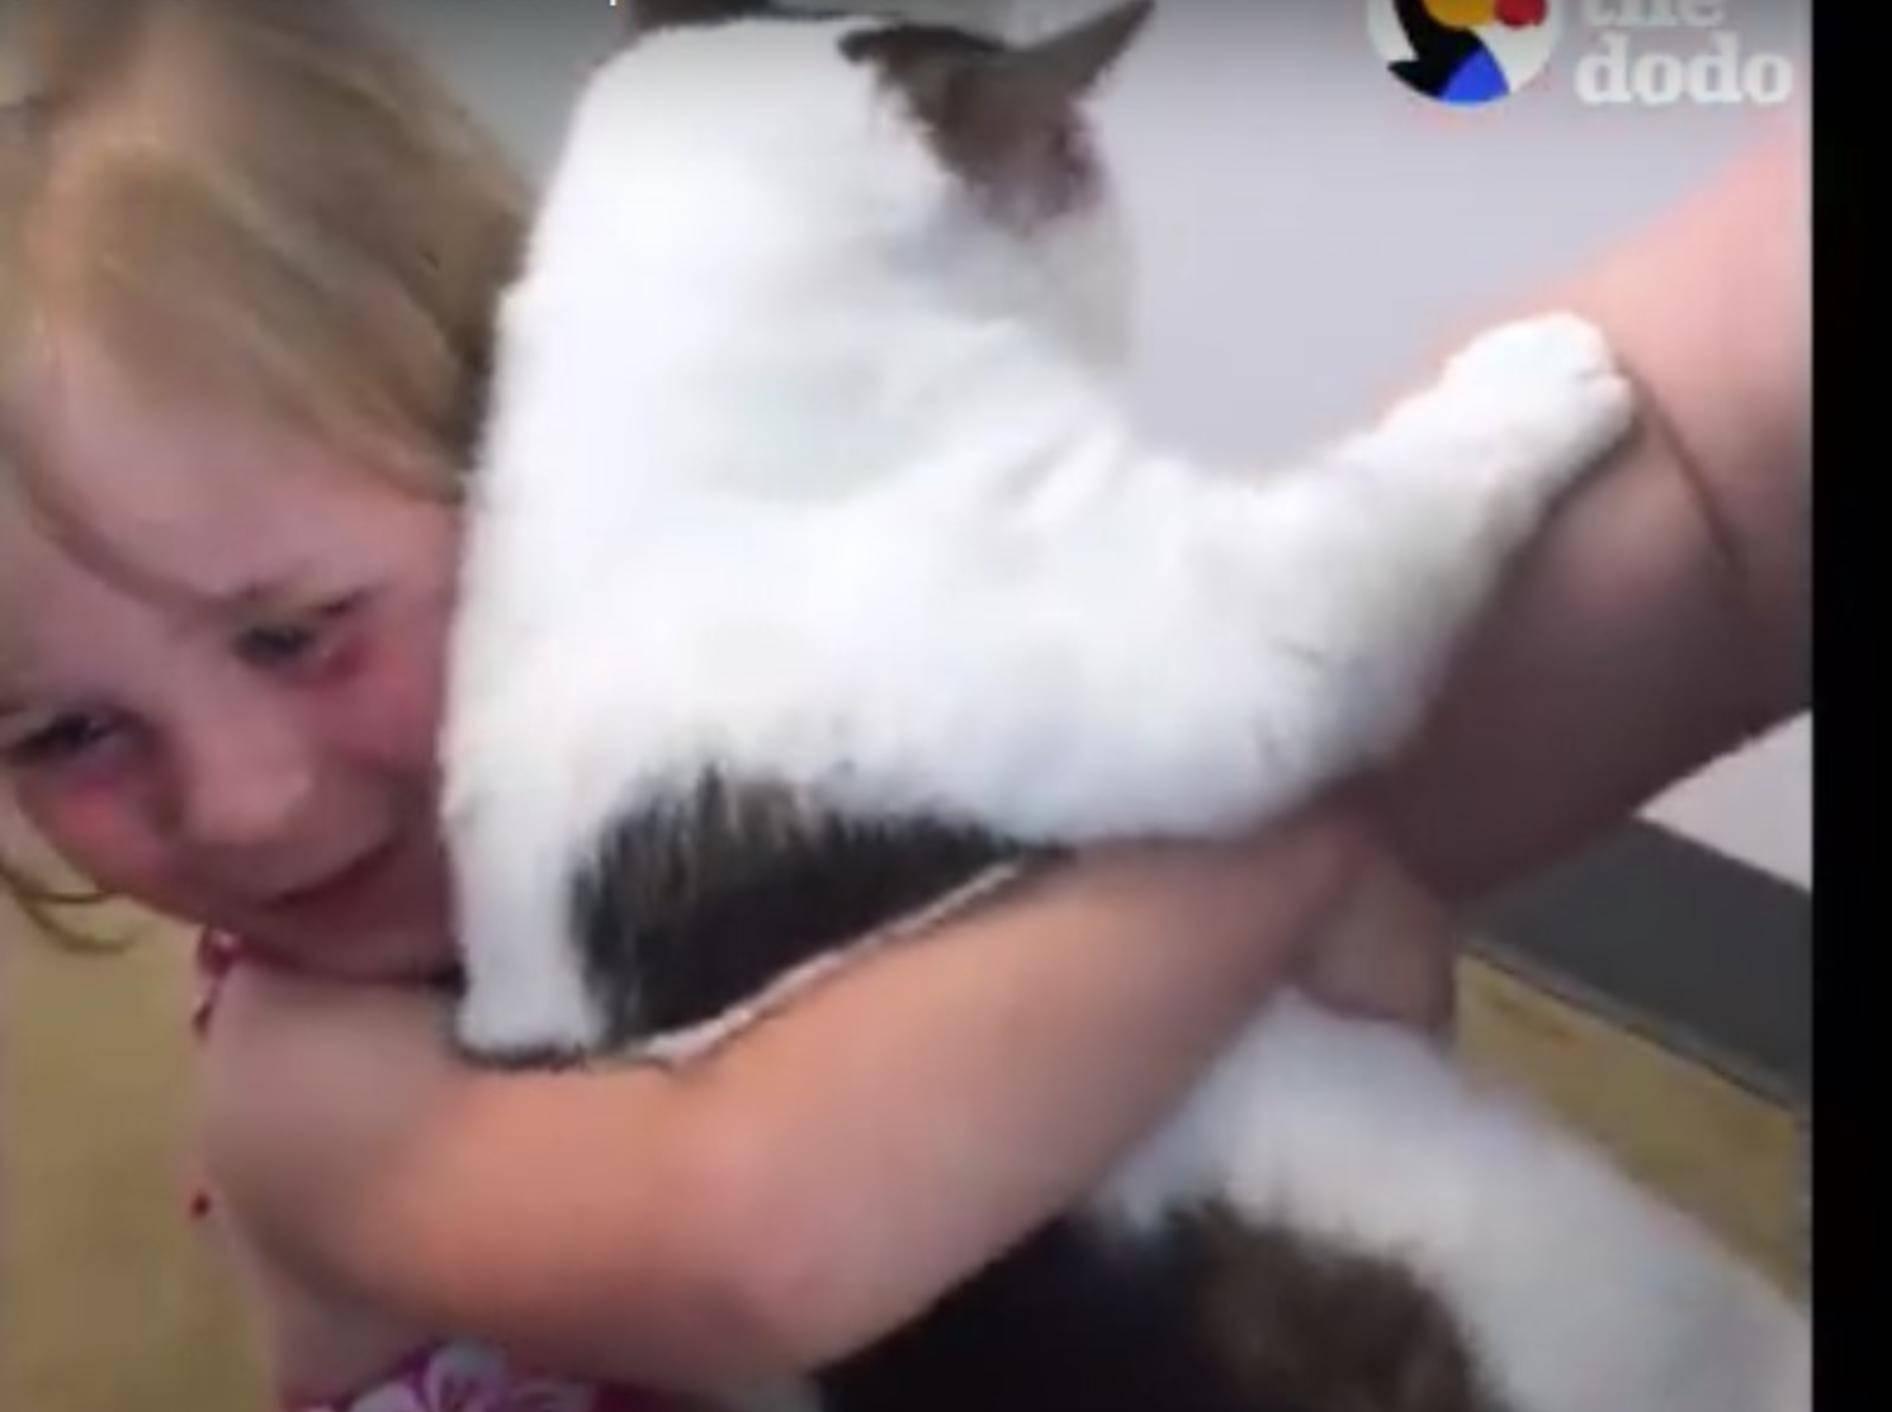 Endlich wieder zusammen nach 3 Jahren: Kater Cursor und seine kleine Freundin – YouTube / The Dodo